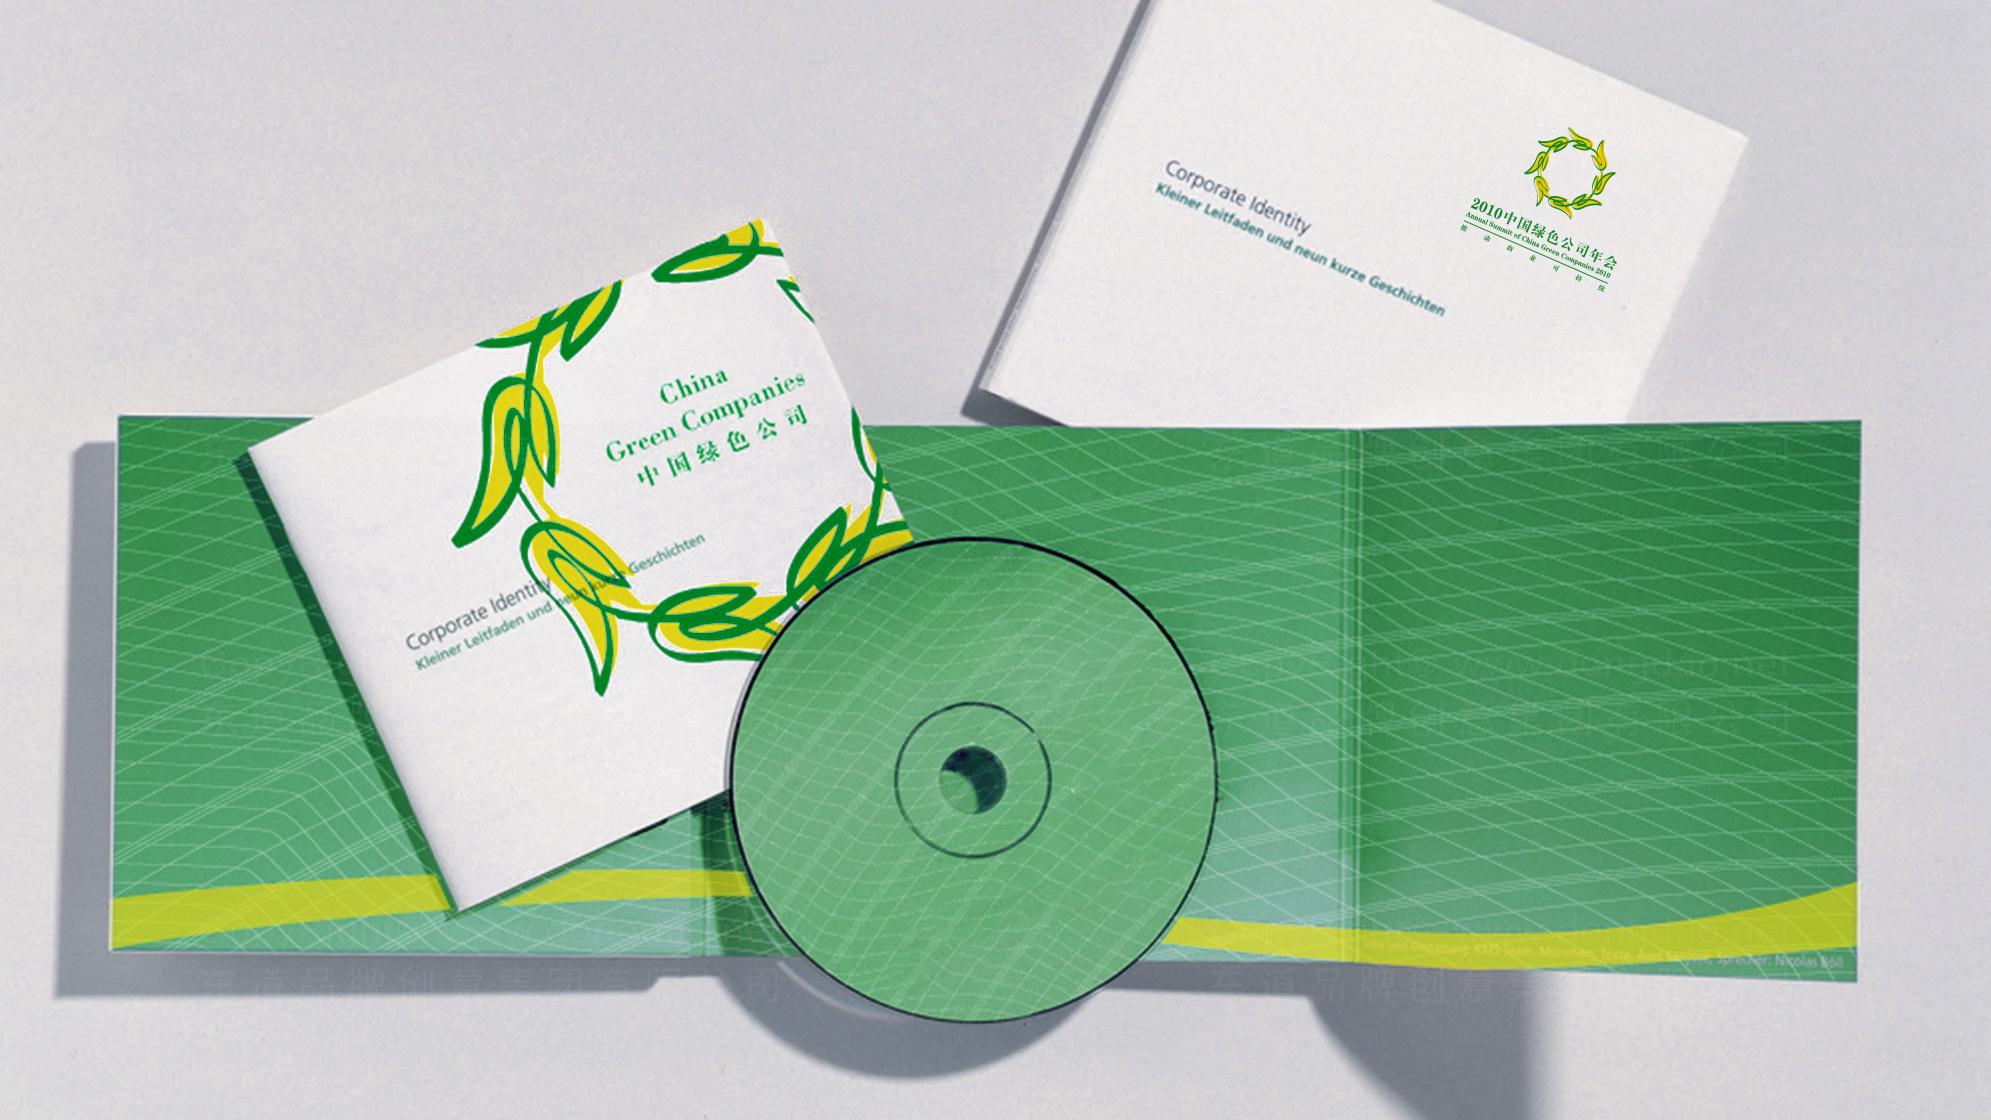 品牌设计2010中国绿公司年会LOGO设计应用场景_1